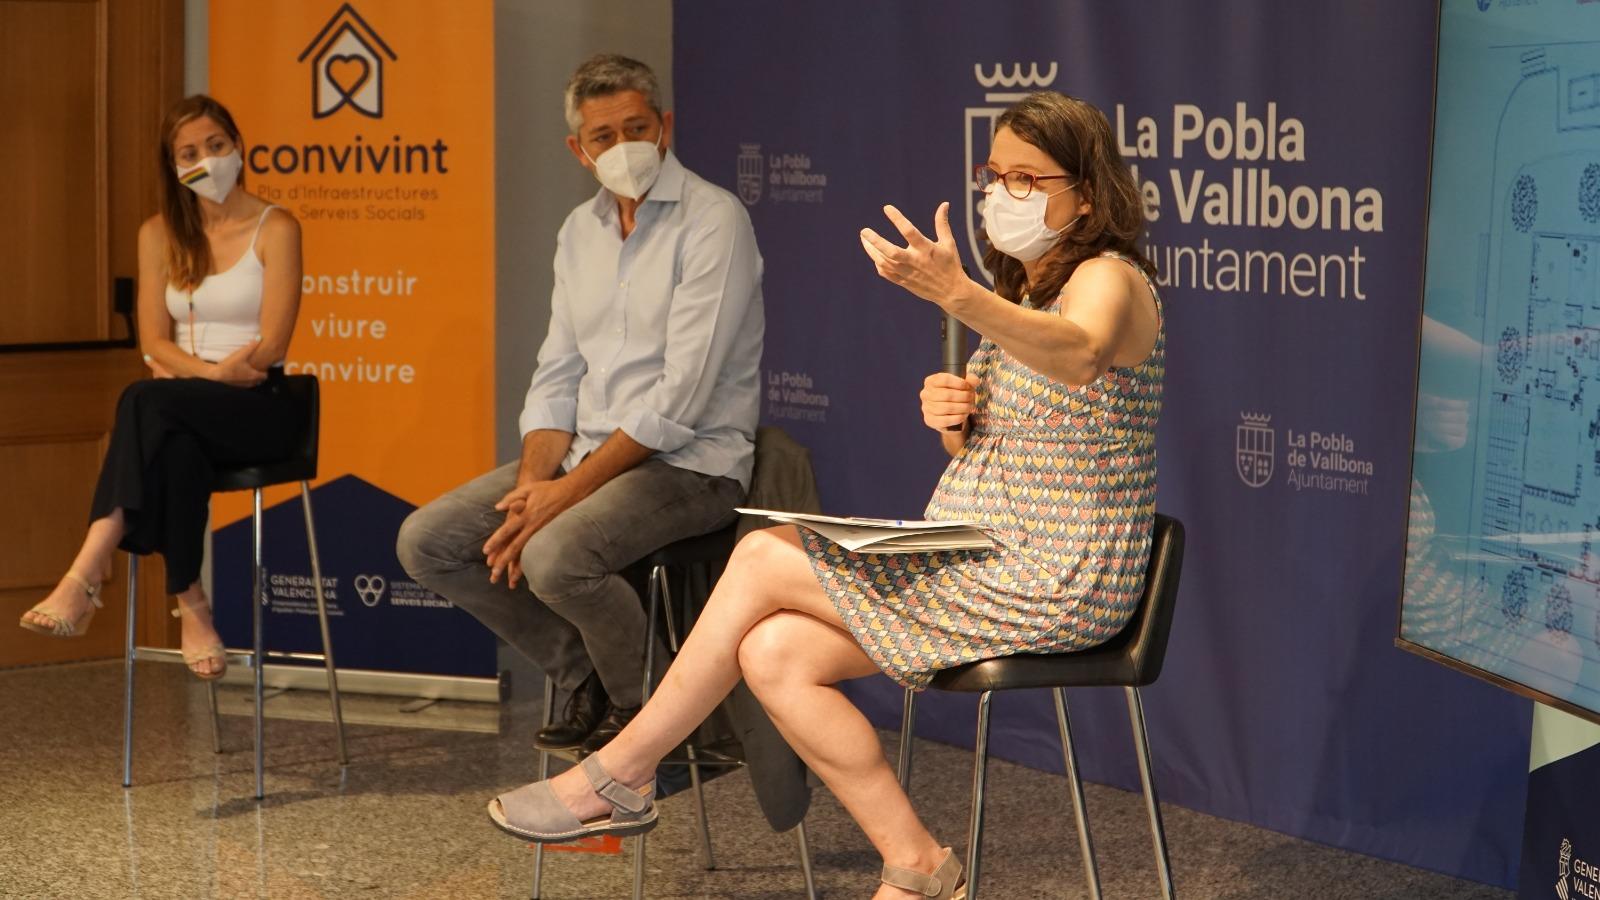 L'Ajuntament i la vicepresidenta Oltra presenten el nou Centre de Dia de la Pobla de Vallbona